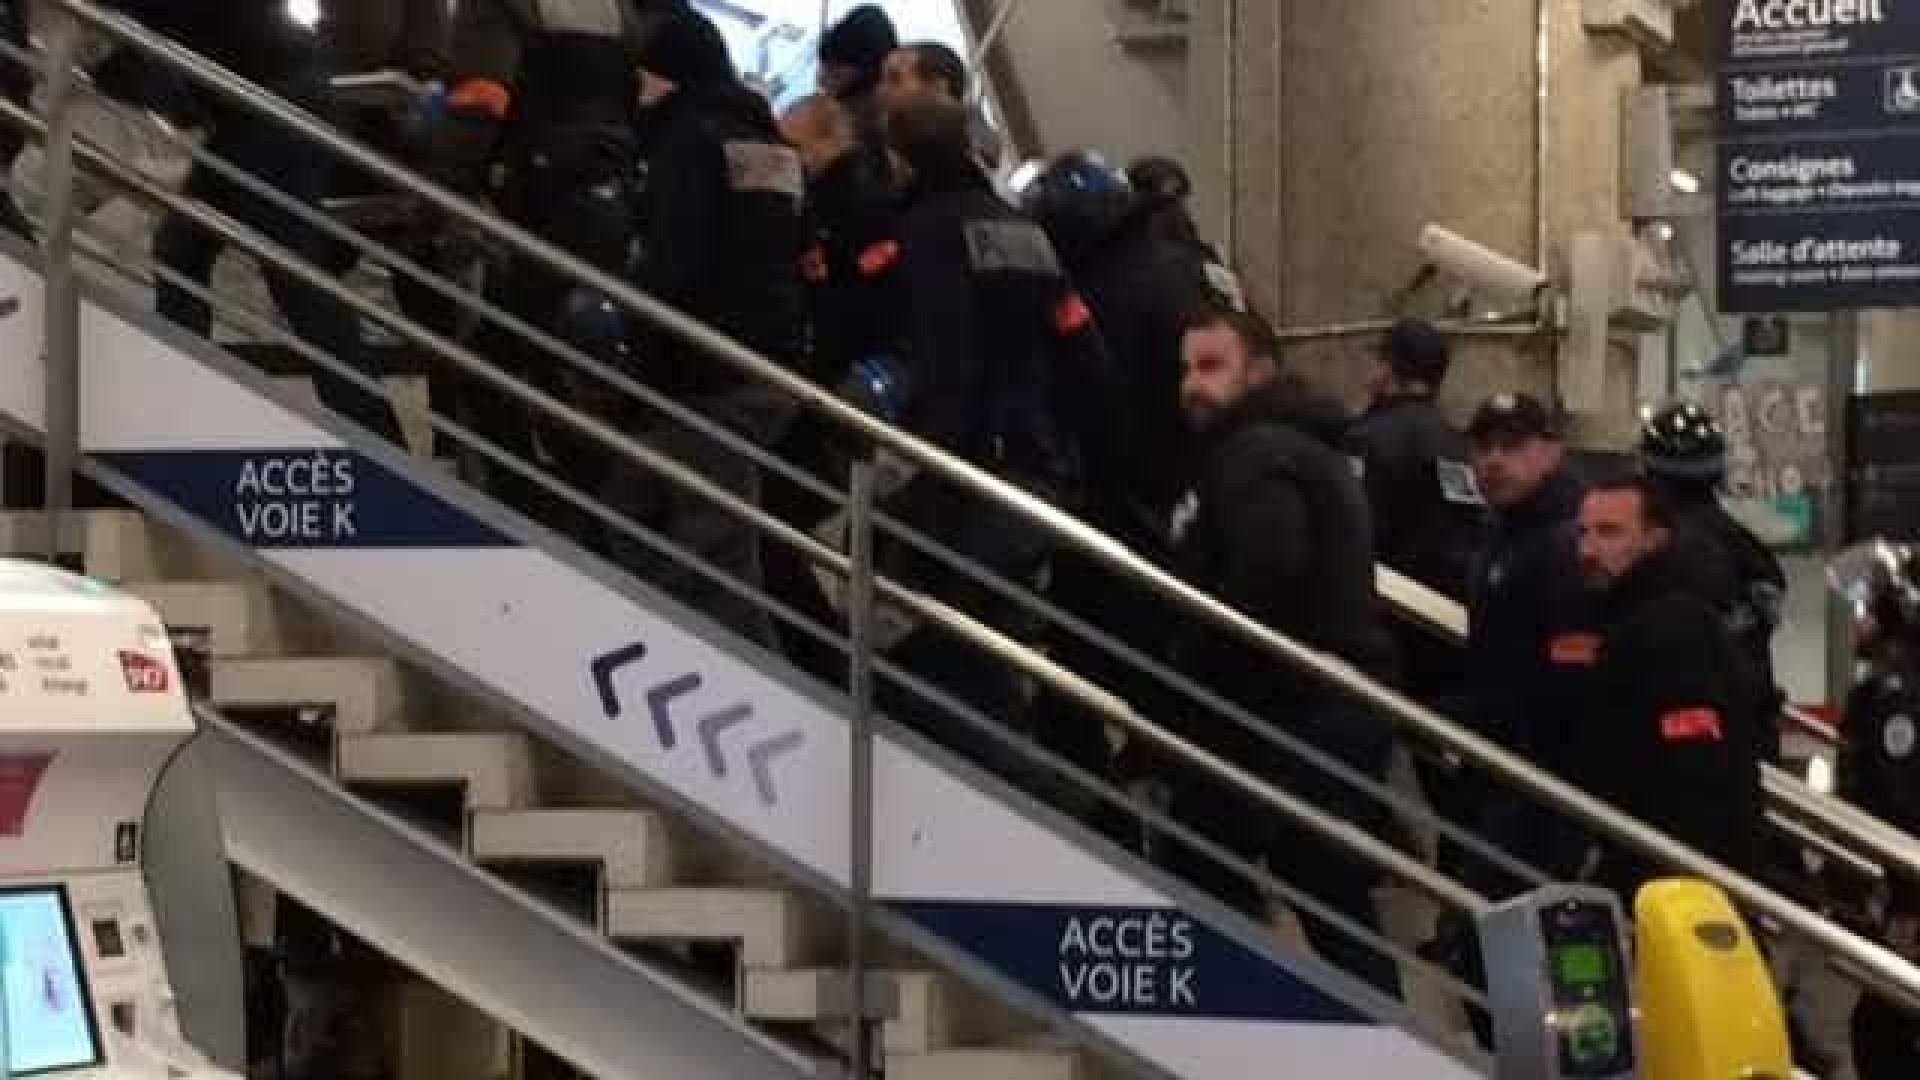 Confusão em trem faz França evacuar 200 passageiros